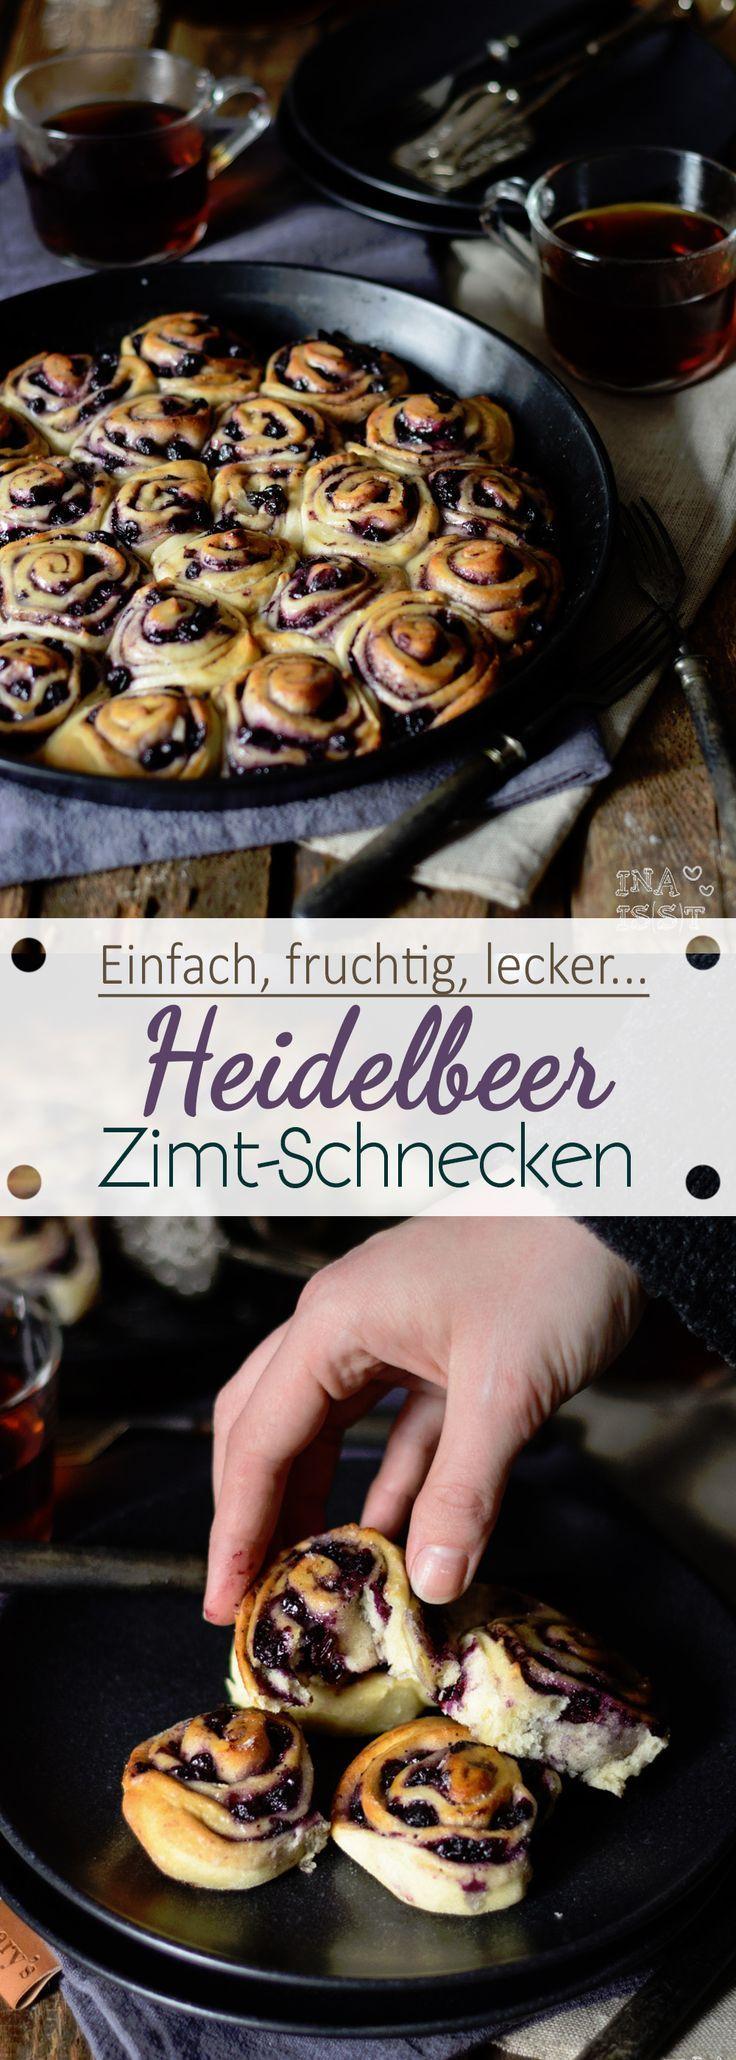 Heidelbeer-Zimtschnecken